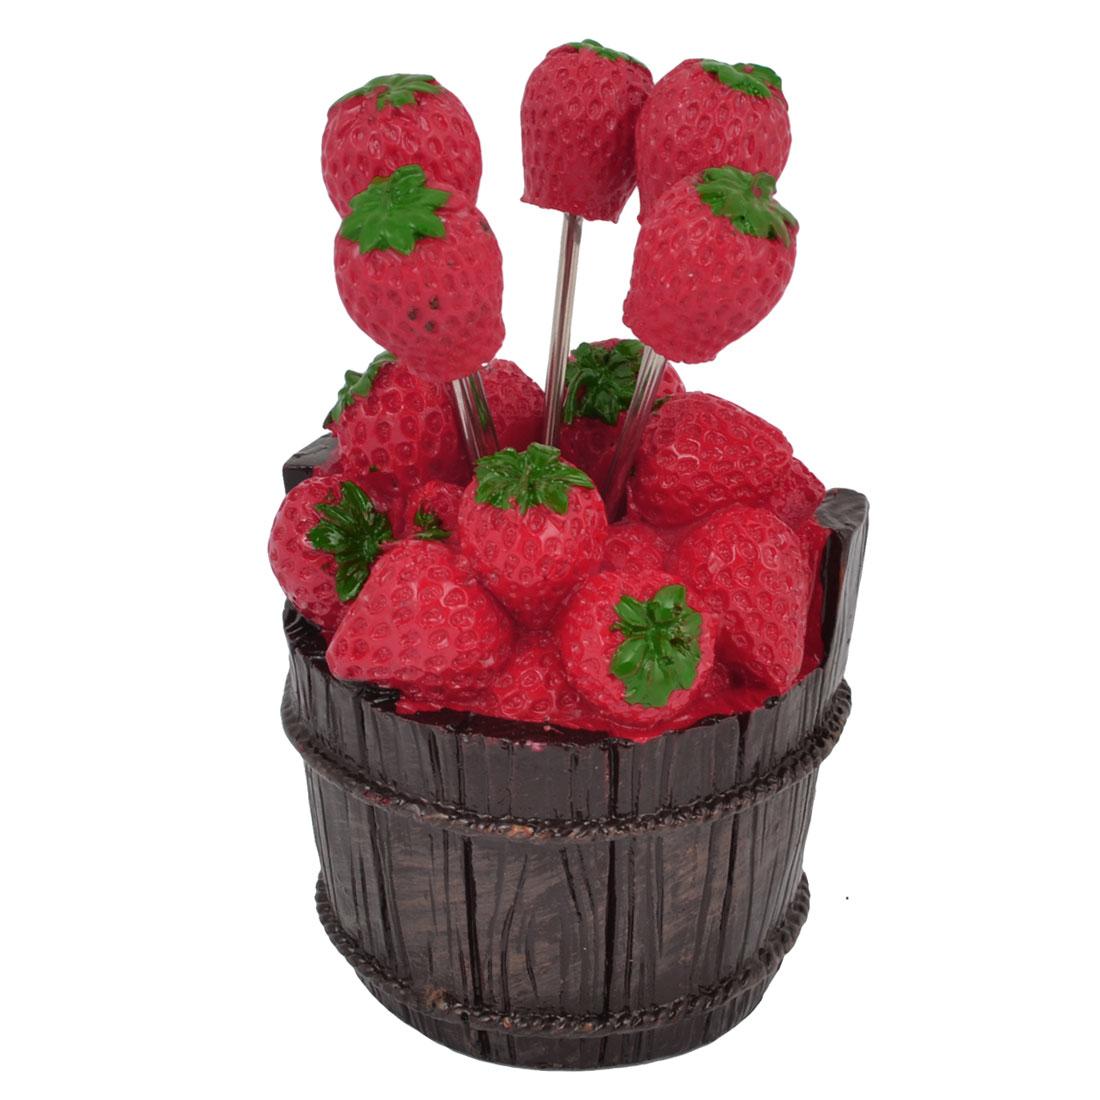 5 Pcs Red Strawberry Shape Dessert Fruit Forks Tool w Plastic Bucket Holder